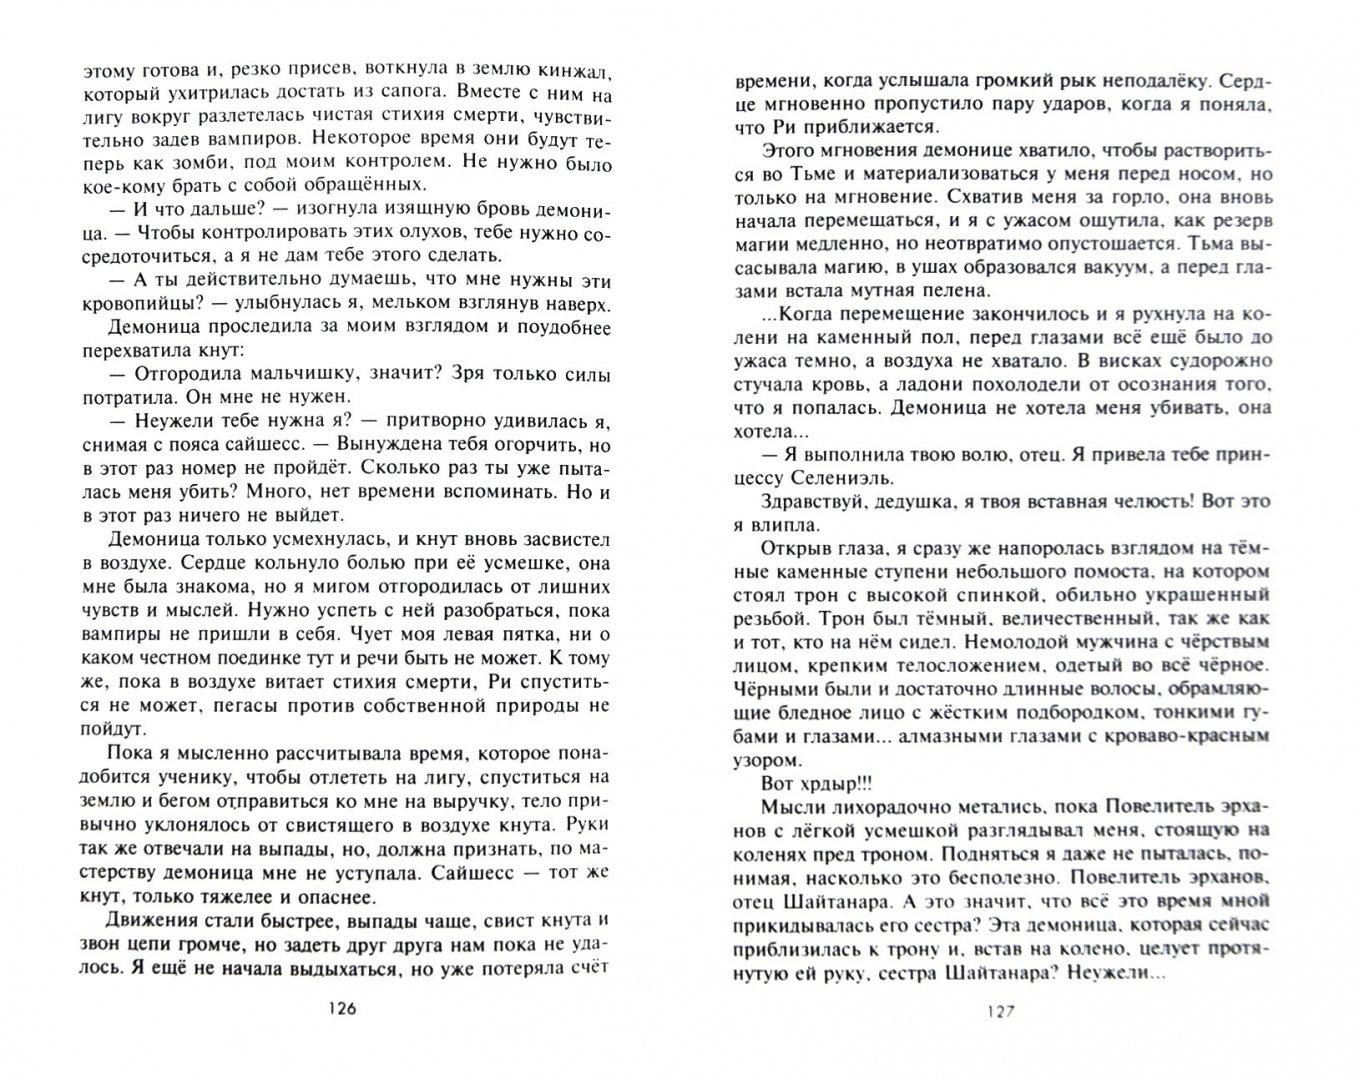 Иллюстрация 1 из 13 для Сайтаншесская роза. Эпизод I - Анна Кувайкова | Лабиринт - книги. Источник: Лабиринт